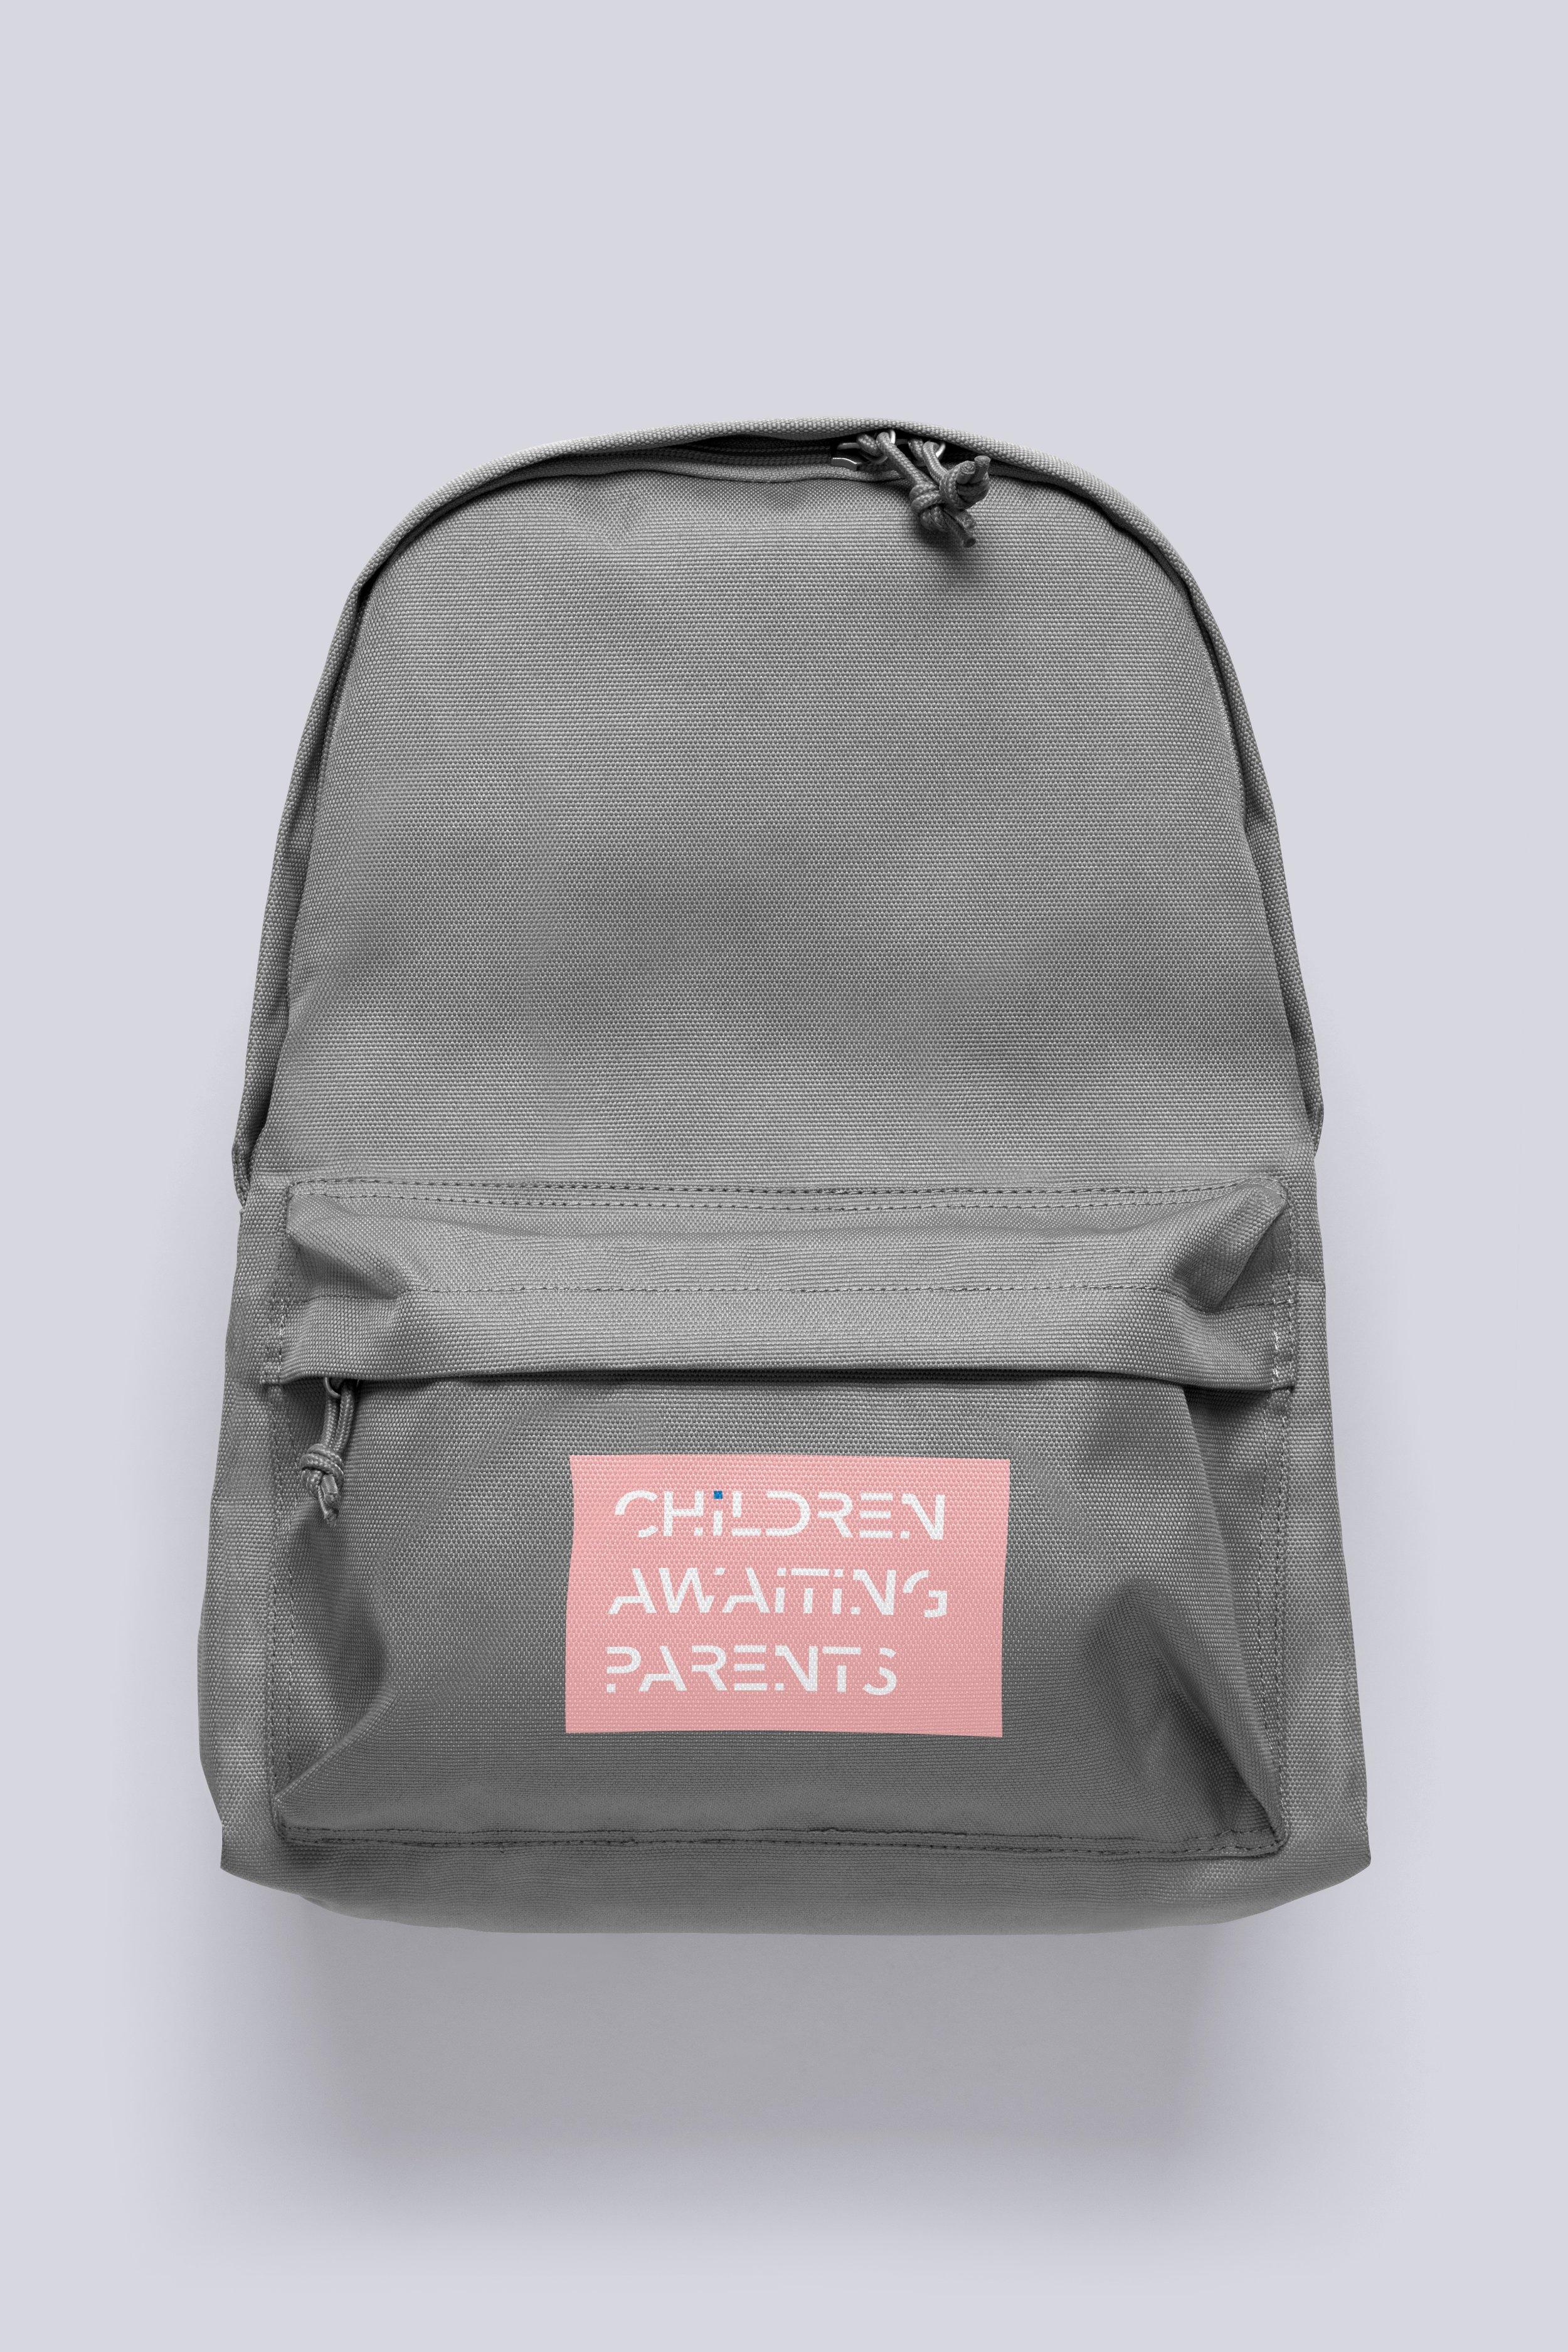 Bag 0754 2019-05-06.jpeg